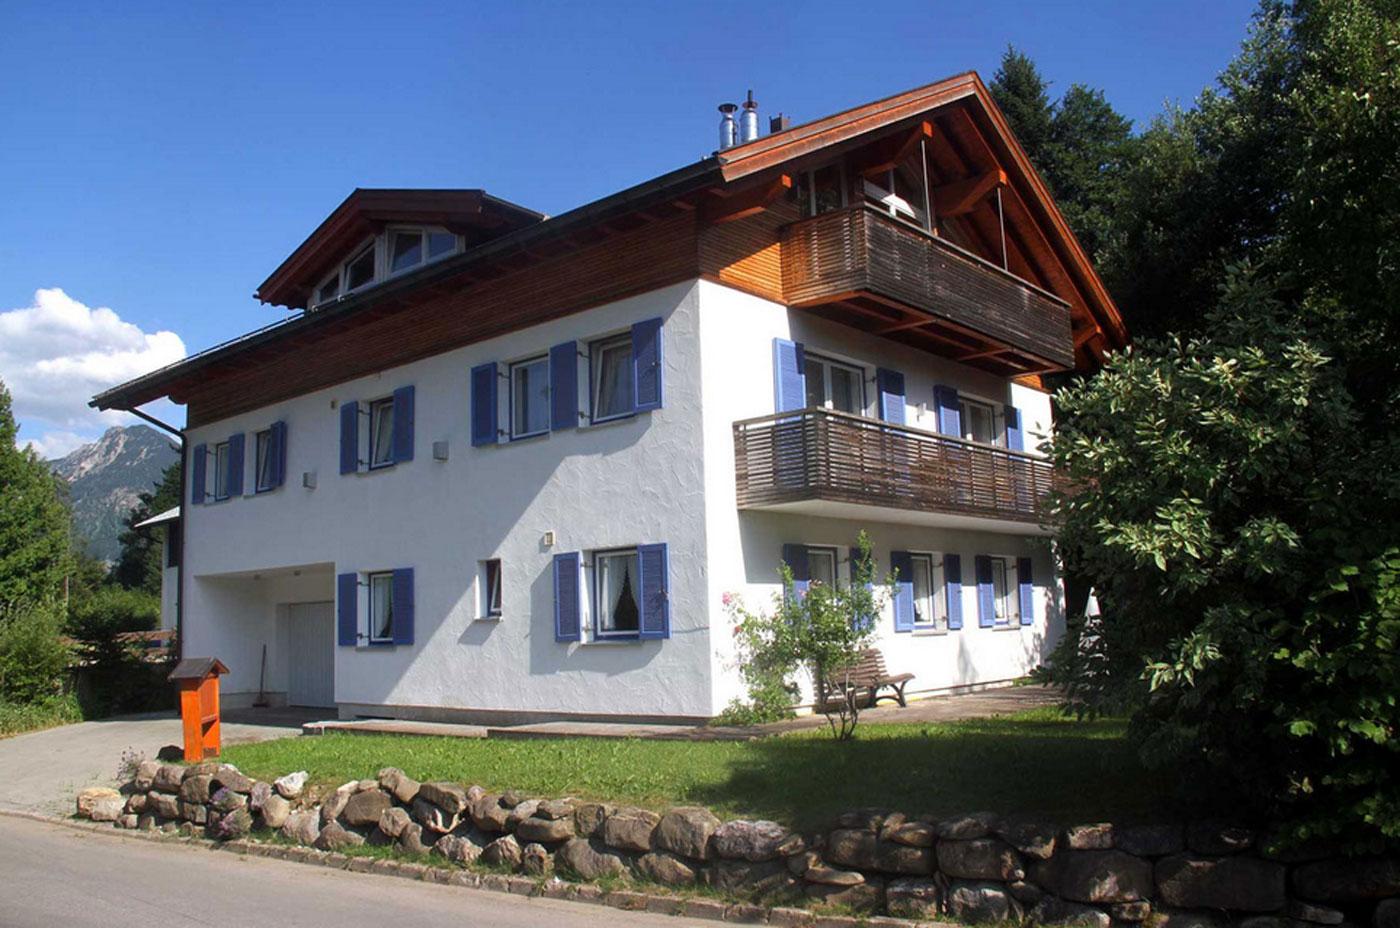 Ferienwohnungen Ludwig – Kornau bei Oberstdorf